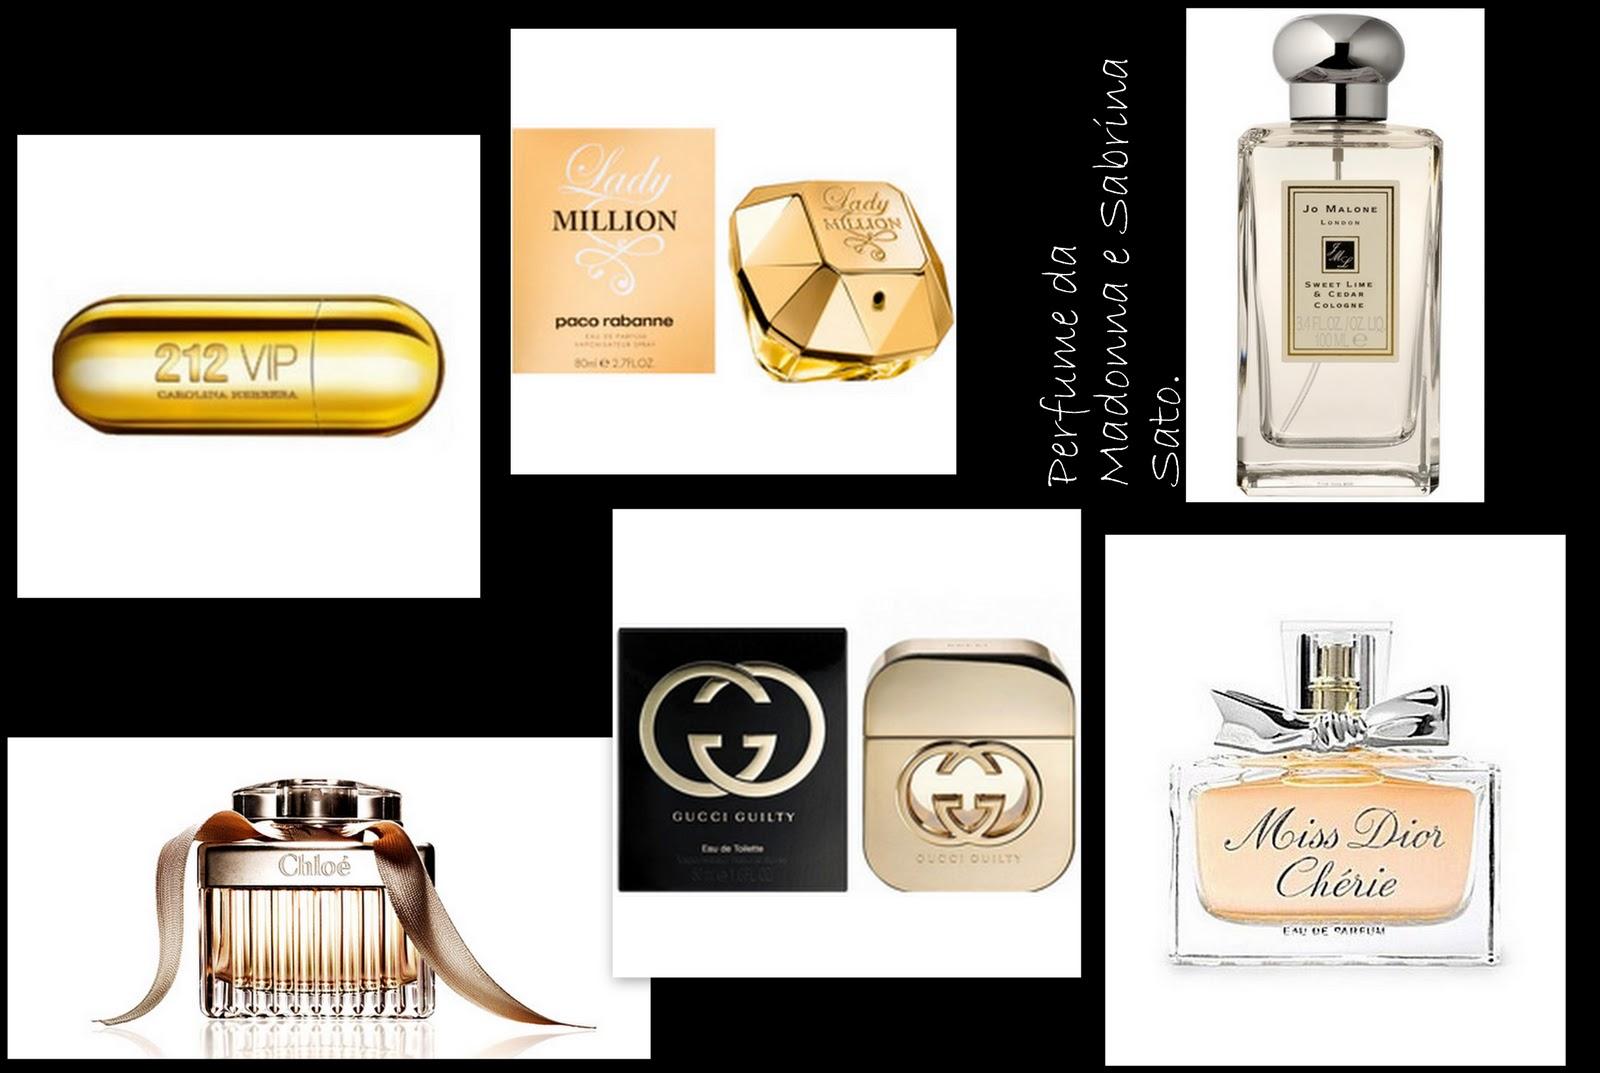 http://2.bp.blogspot.com/_G1bjOzhccQw/TPzQov9rzGI/AAAAAAAABNo/SJ0Wj9W7RfI/s1600/montagem+perfume.jpg